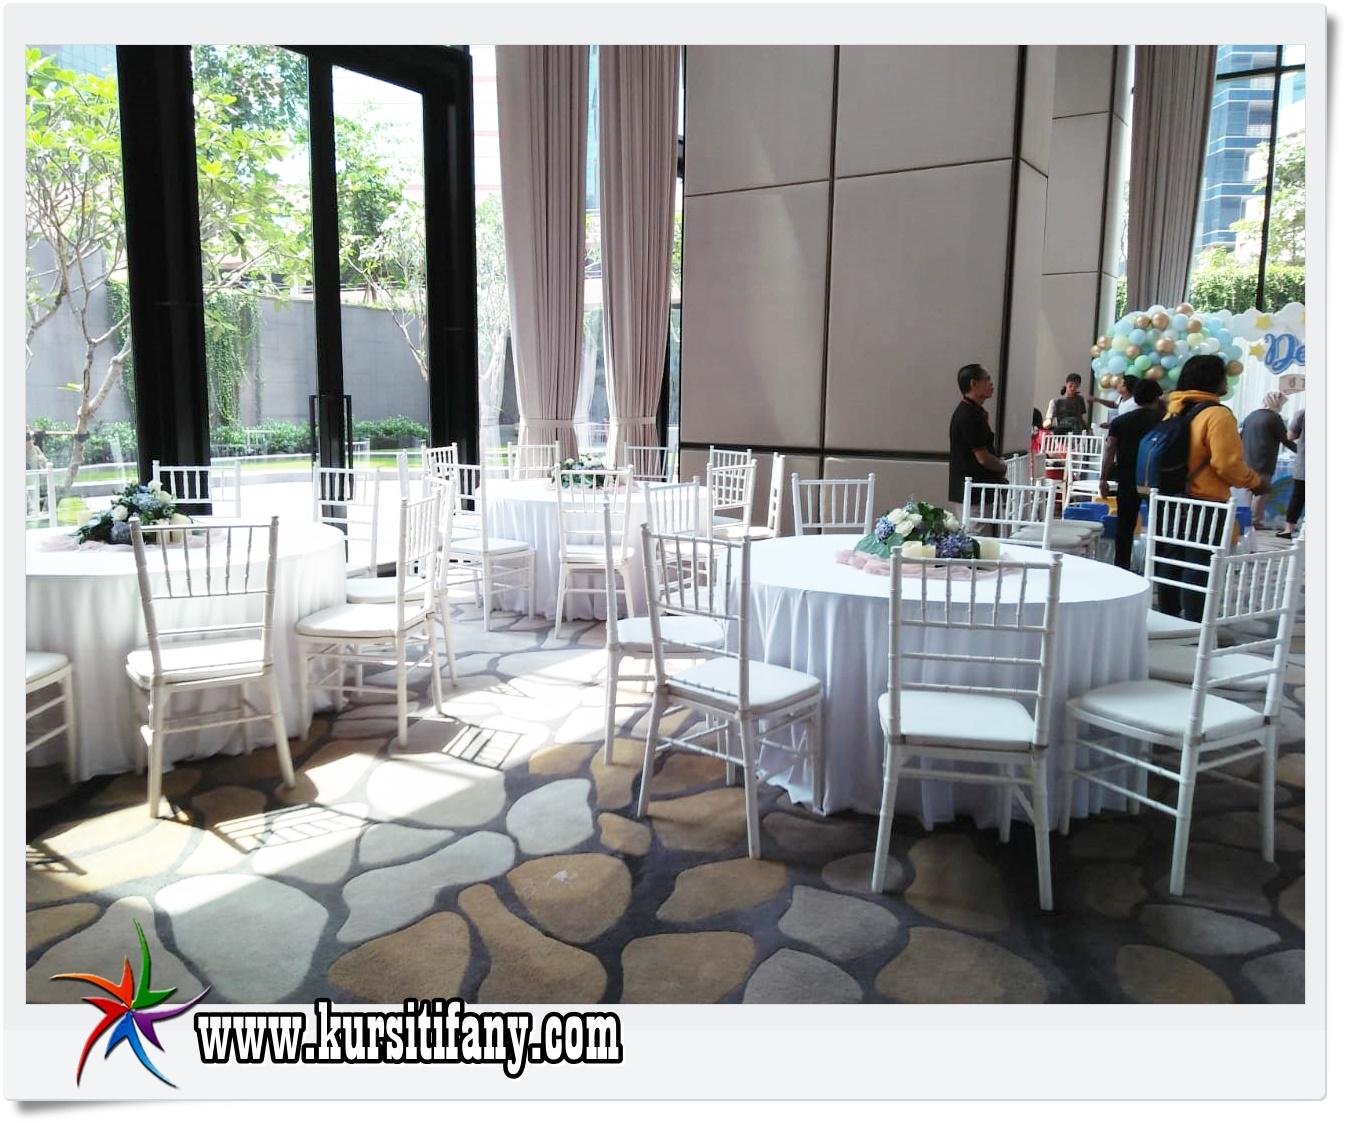 Sewa Kursi Pesta Mustika Jaya Bekasi